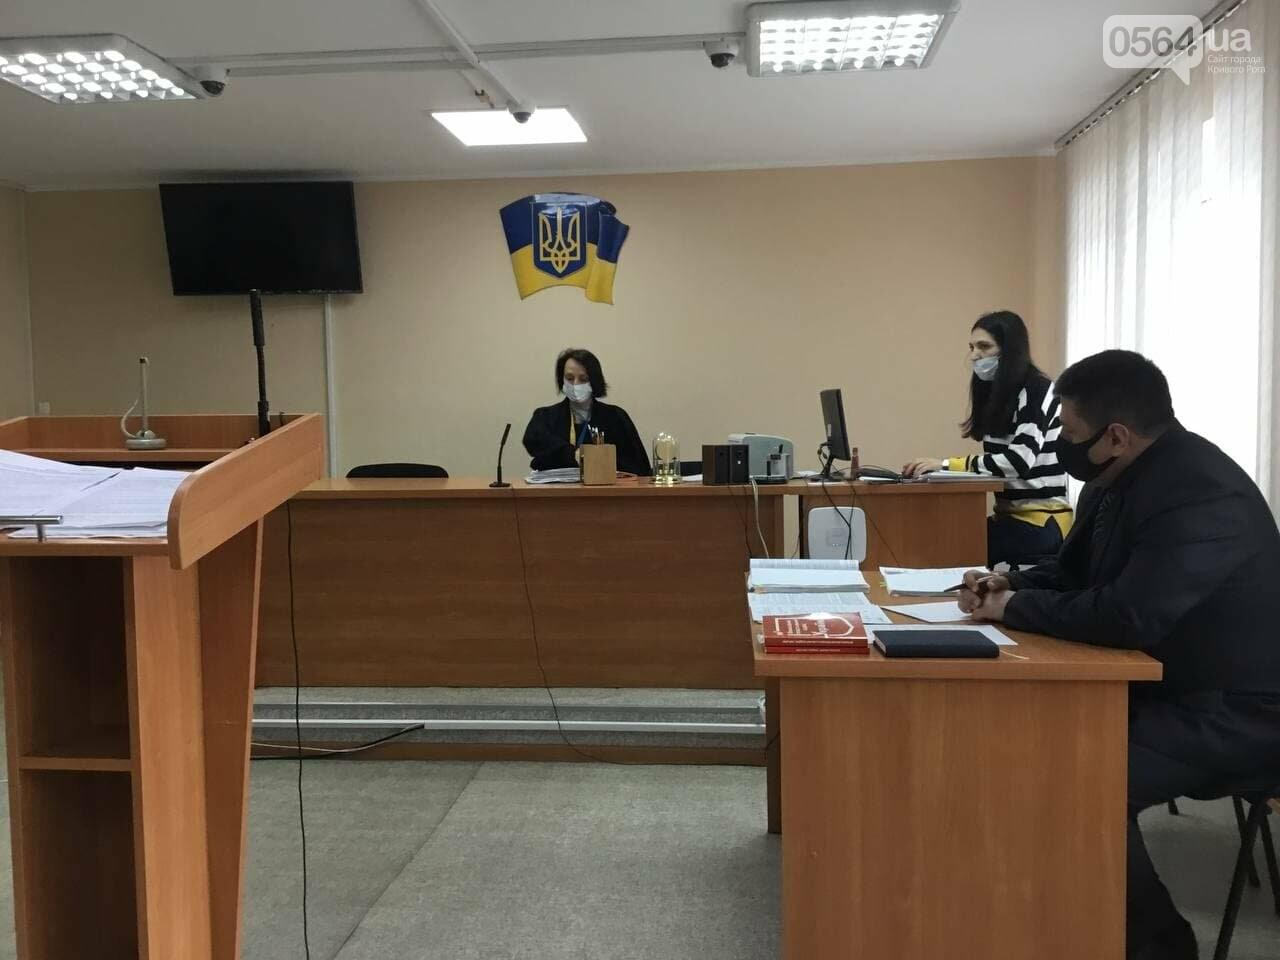 В суде по делу о конфликте между криворожским активистом и муниципальным гвардейцем допросили одного из свидетелей, - ФОТО, ВИДЕО, фото-11